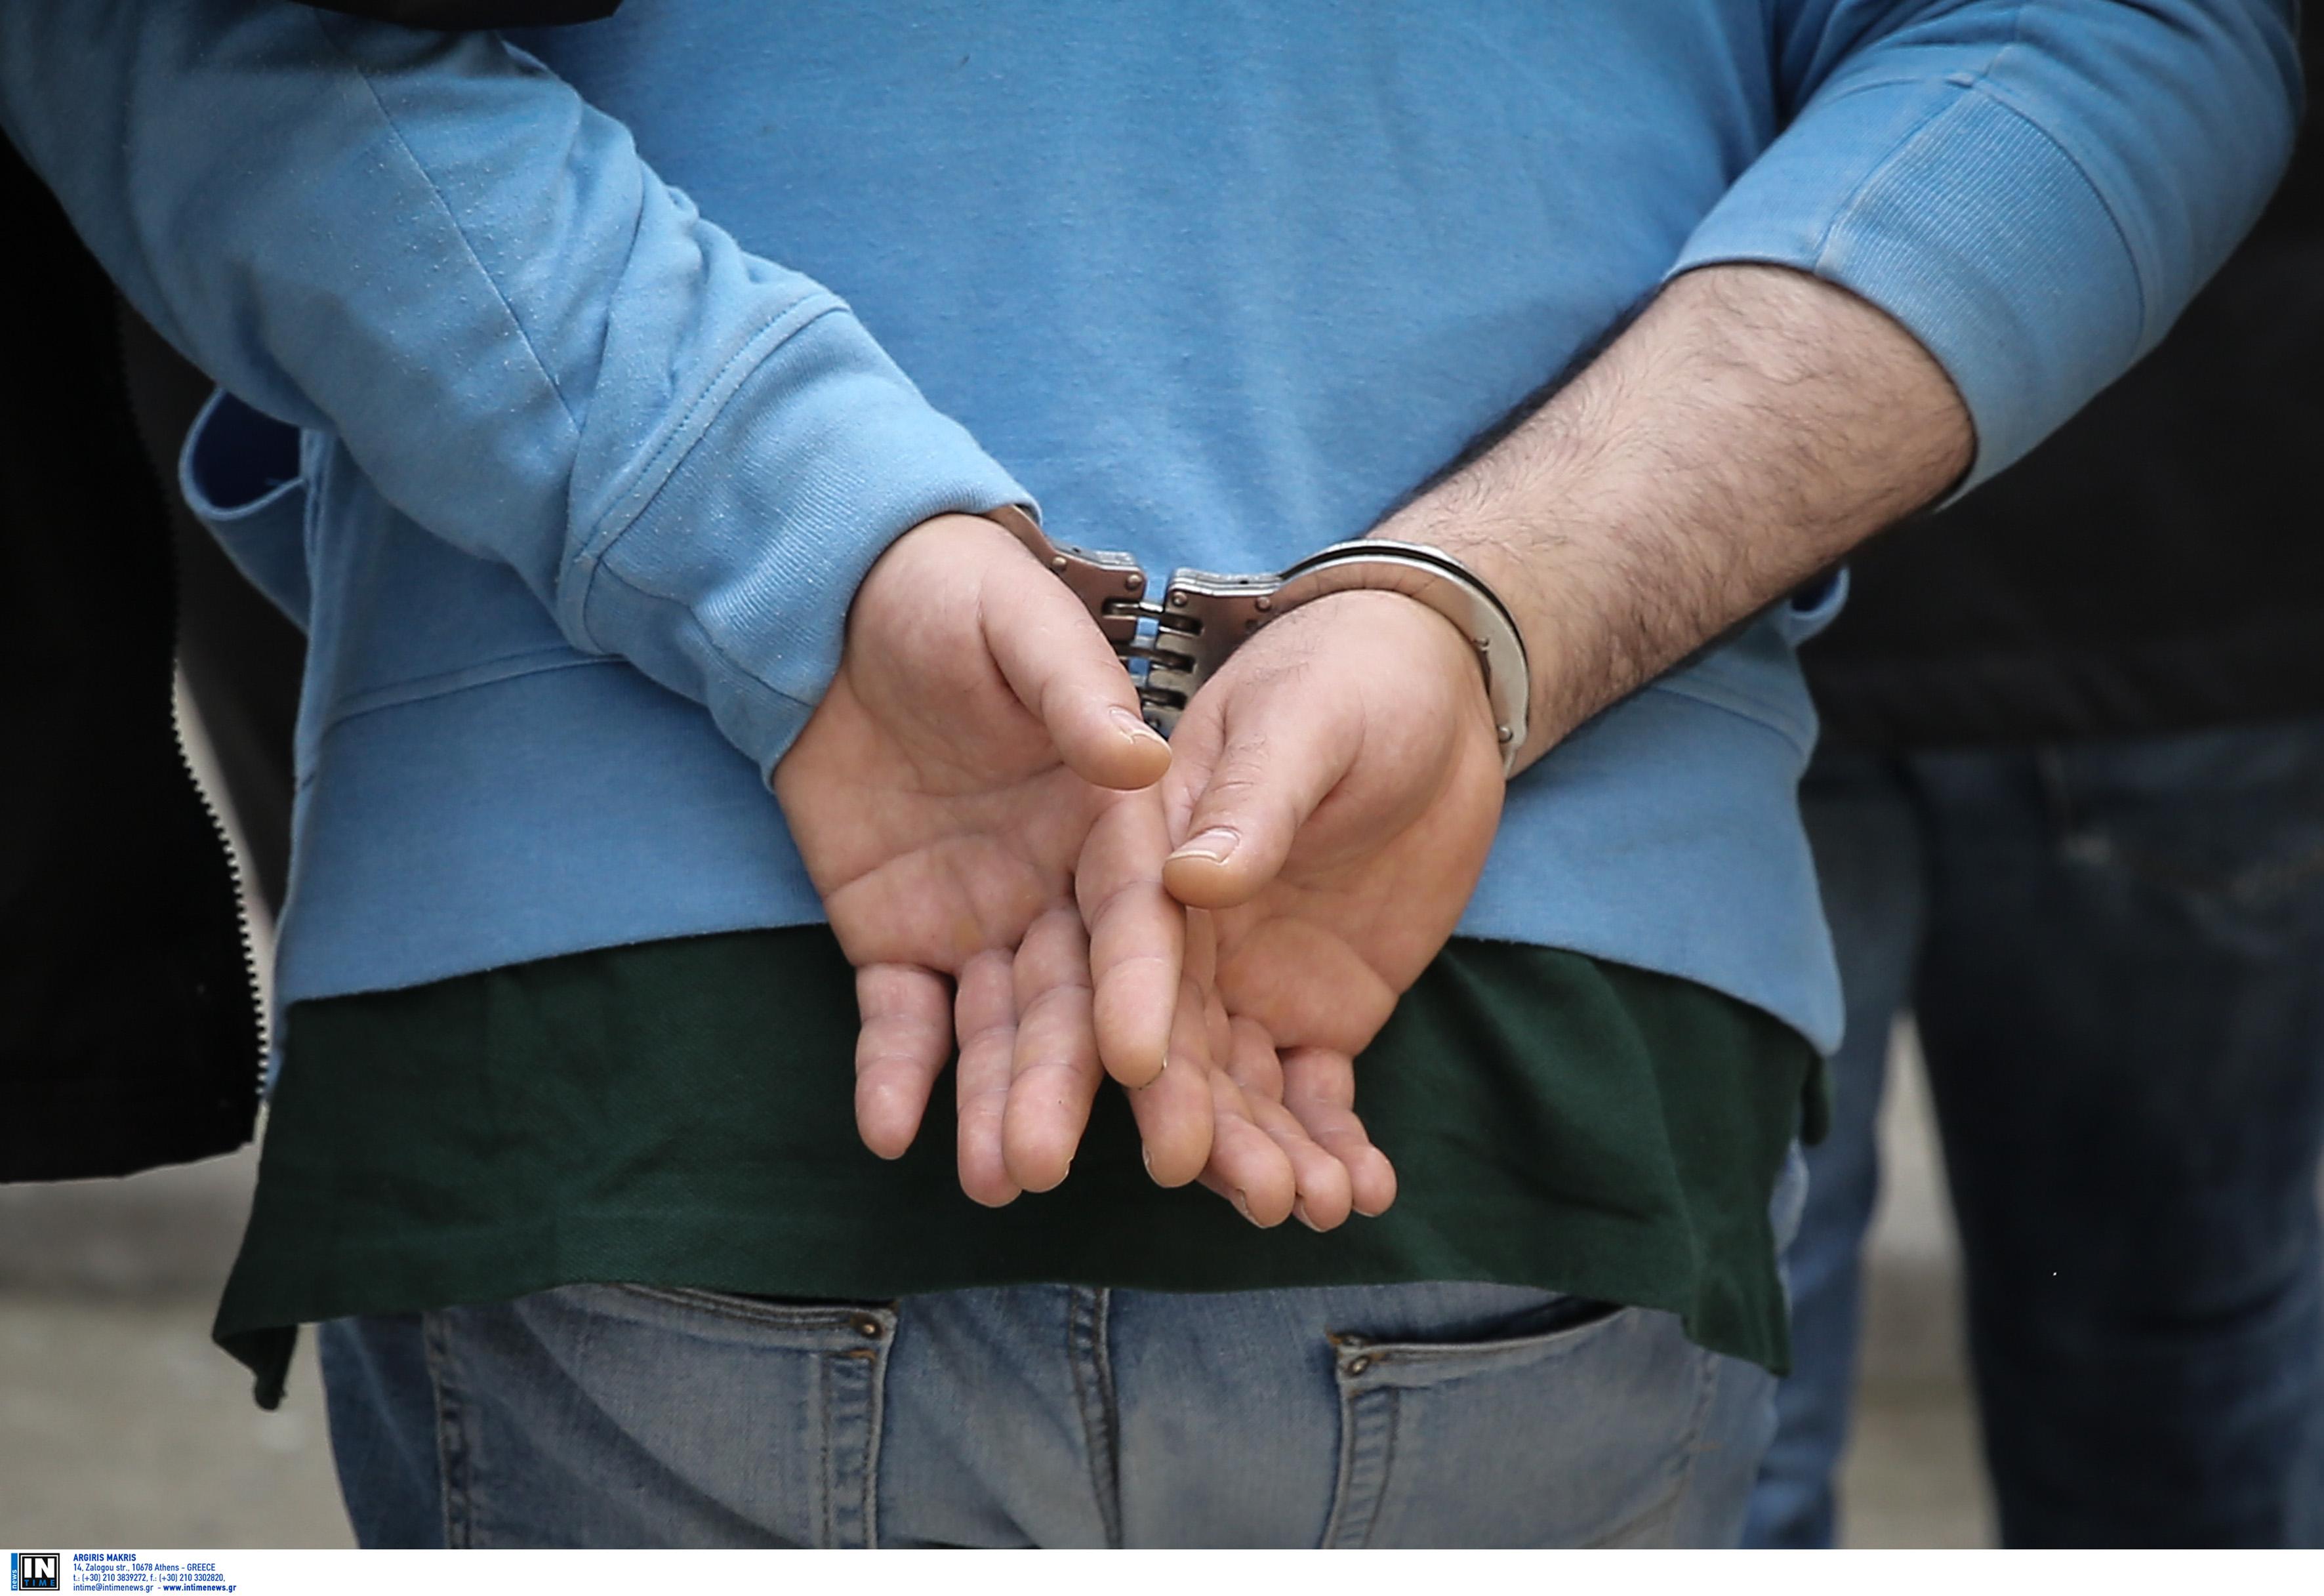 Φλώρινα: Είχαν καταδικαστεί αλλά κυκλοφορούσαν ελεύθεροι! Το απόγευμα που βρέθηκαν με χειροπέδες